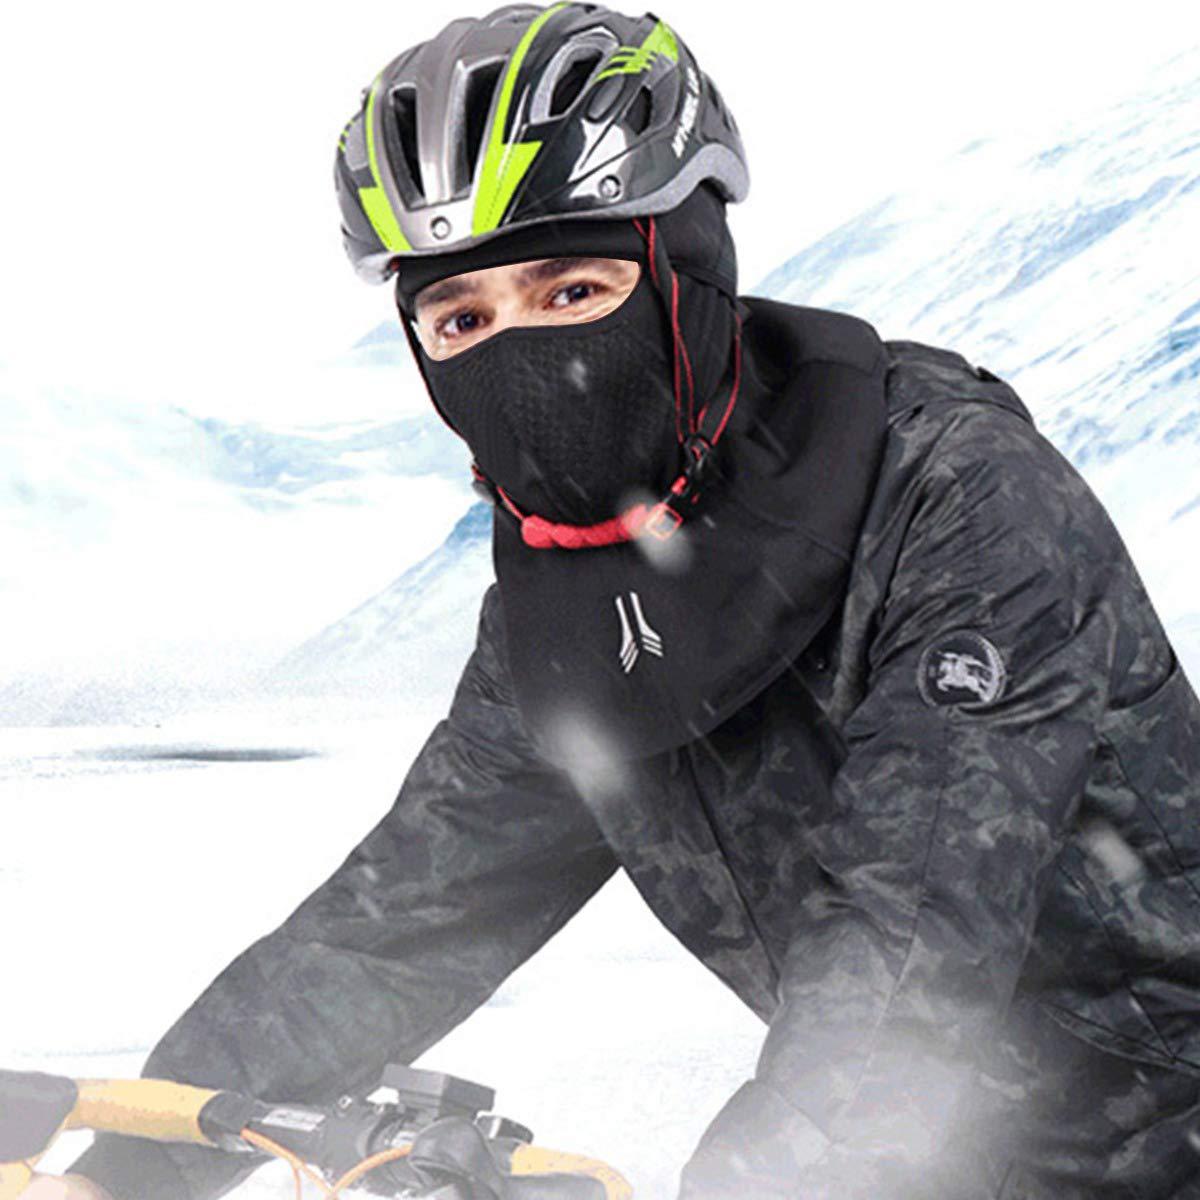 VDROL Balaclava Ski d\'hiver Protection Réfléchissante Balaclava Moto Coupe-Vent Chapeau Cyclisme Chaud en Visage Cou pour Le Ski, Le Snowboard, la Moto et Sports Exterieurs (Hommes et Femmes, Noir)